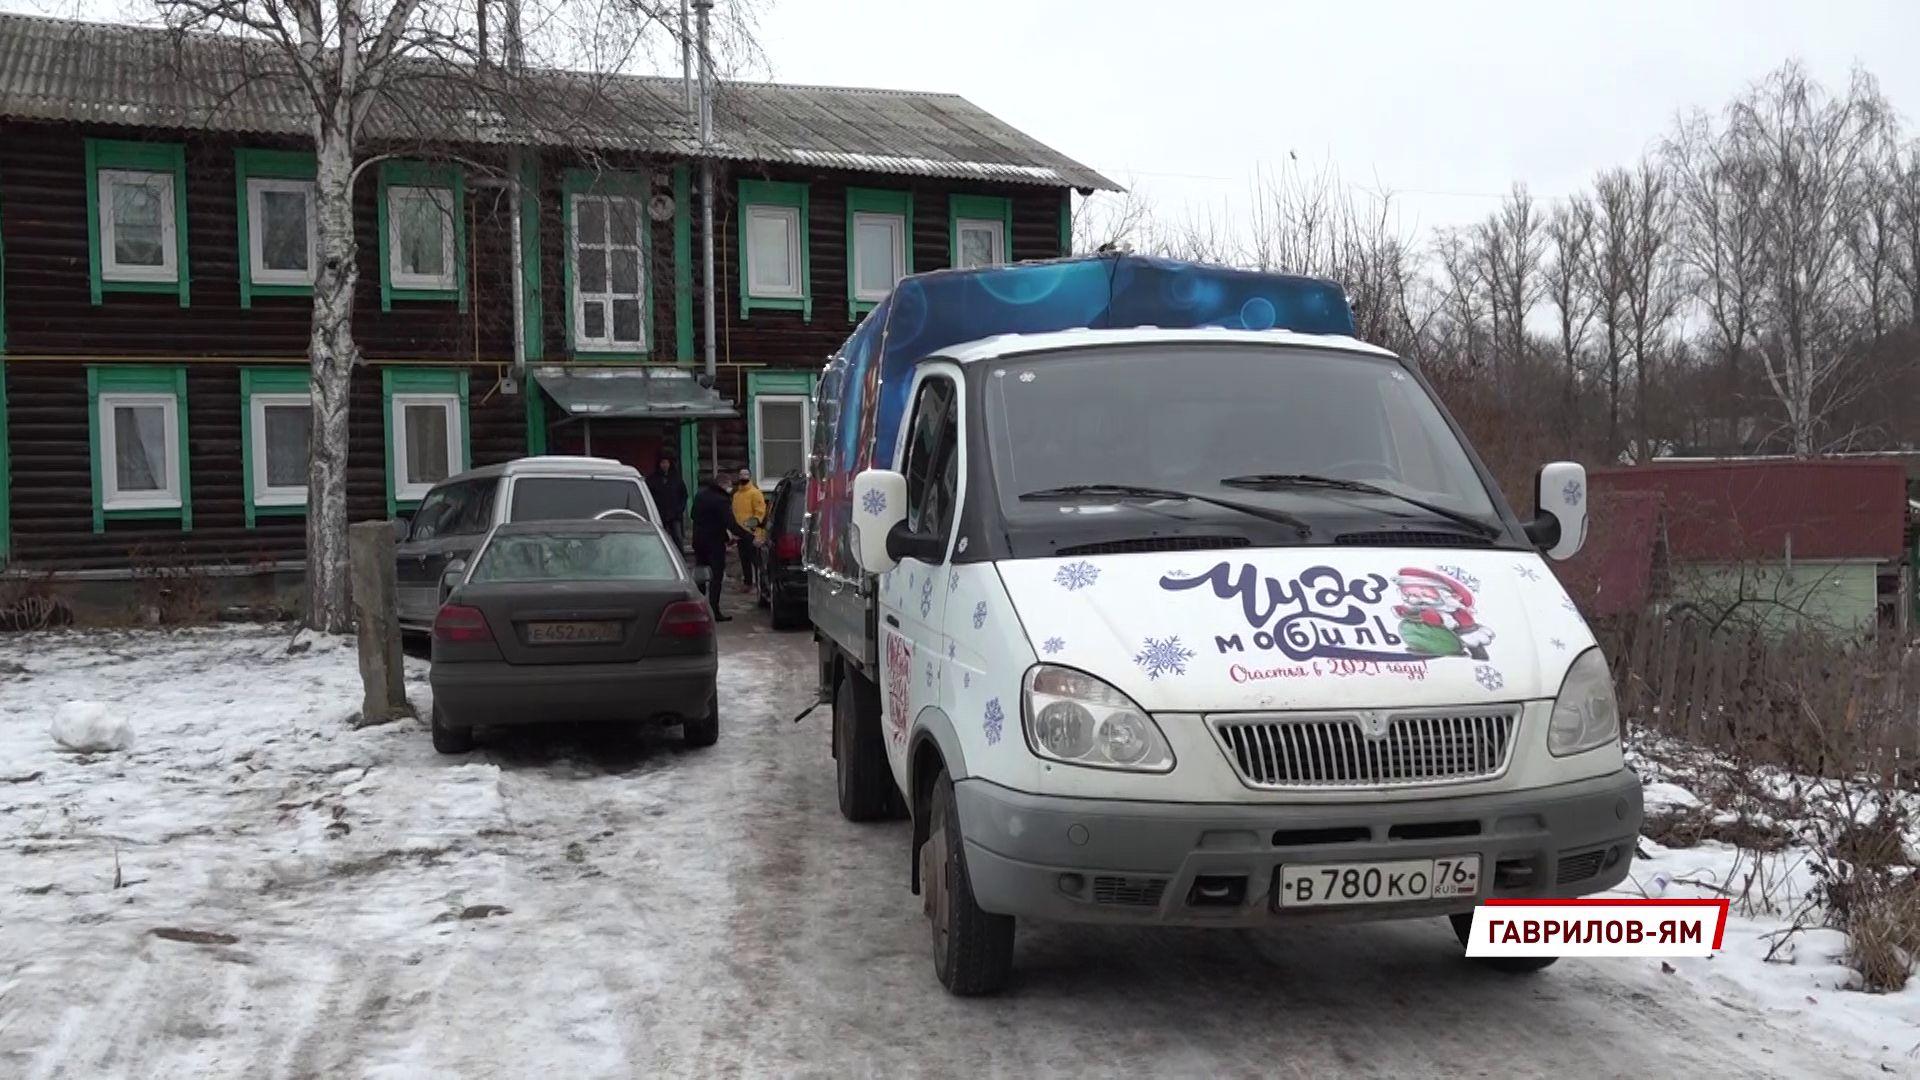 Чудомобиль добрался и до Гавилов-Яма: еще одна многодетная семья получила новогодний подарок